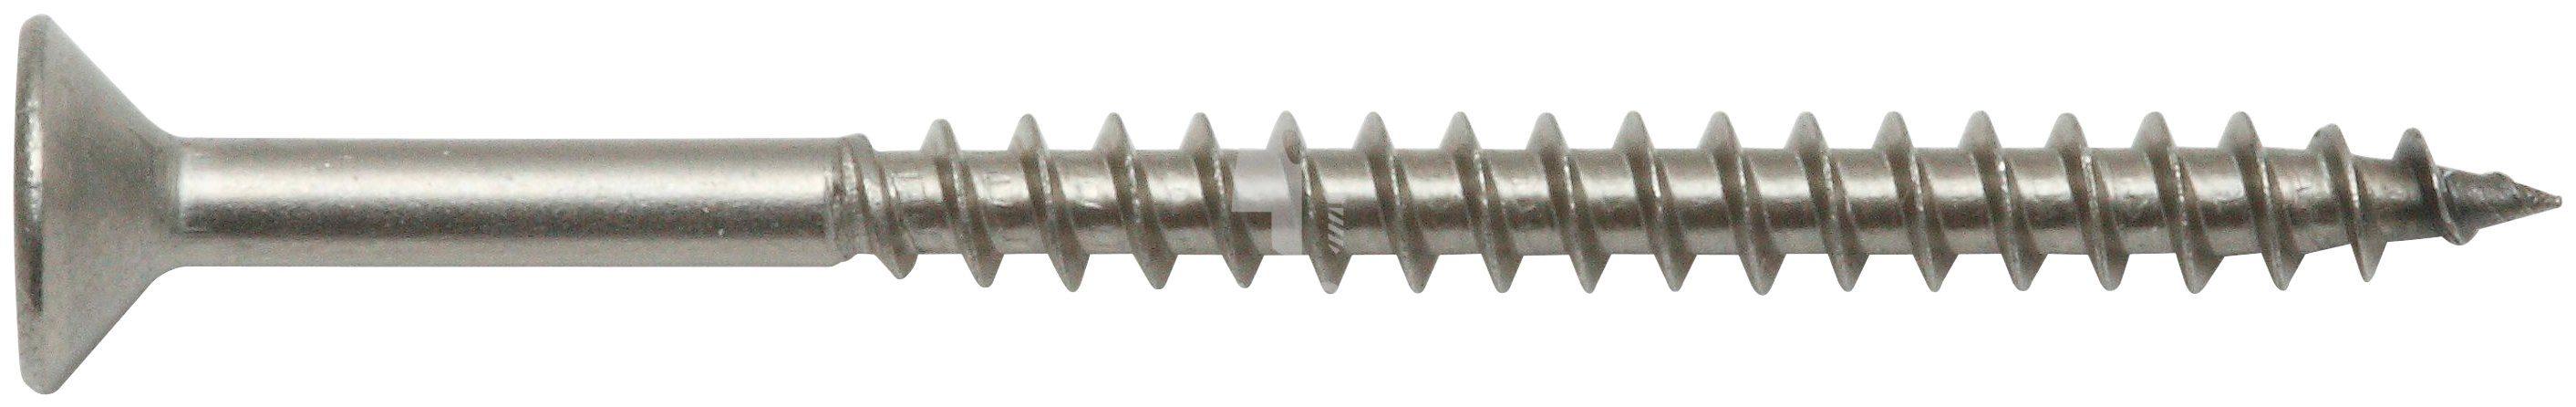 RAMSES Schrauben , Spanplattenschraube 4,5 x 50 mm PZ2 100 Stk.